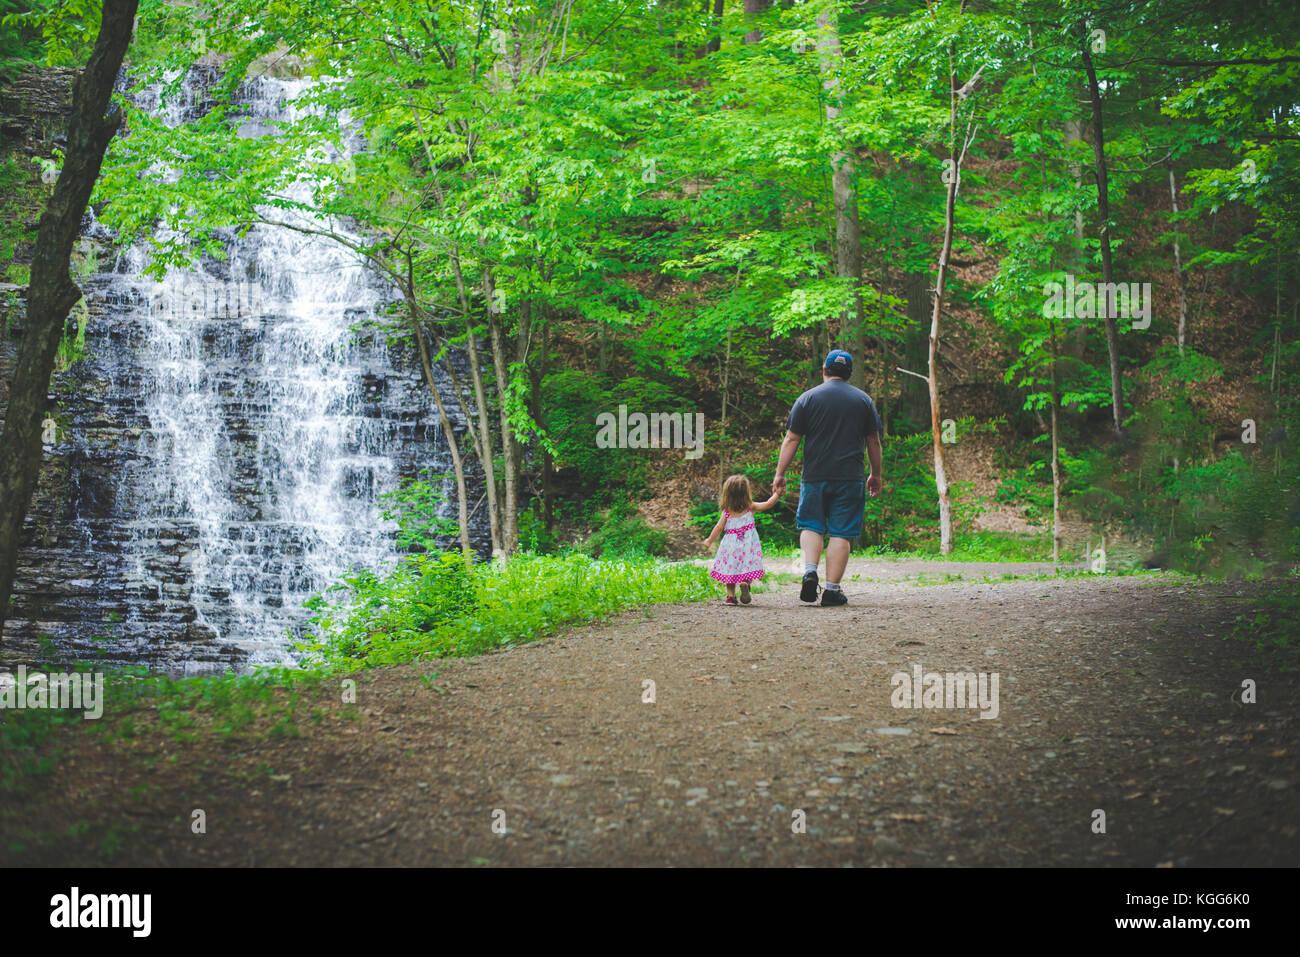 Un niño camina de la mano de su padre a lo largo de un sendero de madera Imagen De Stock